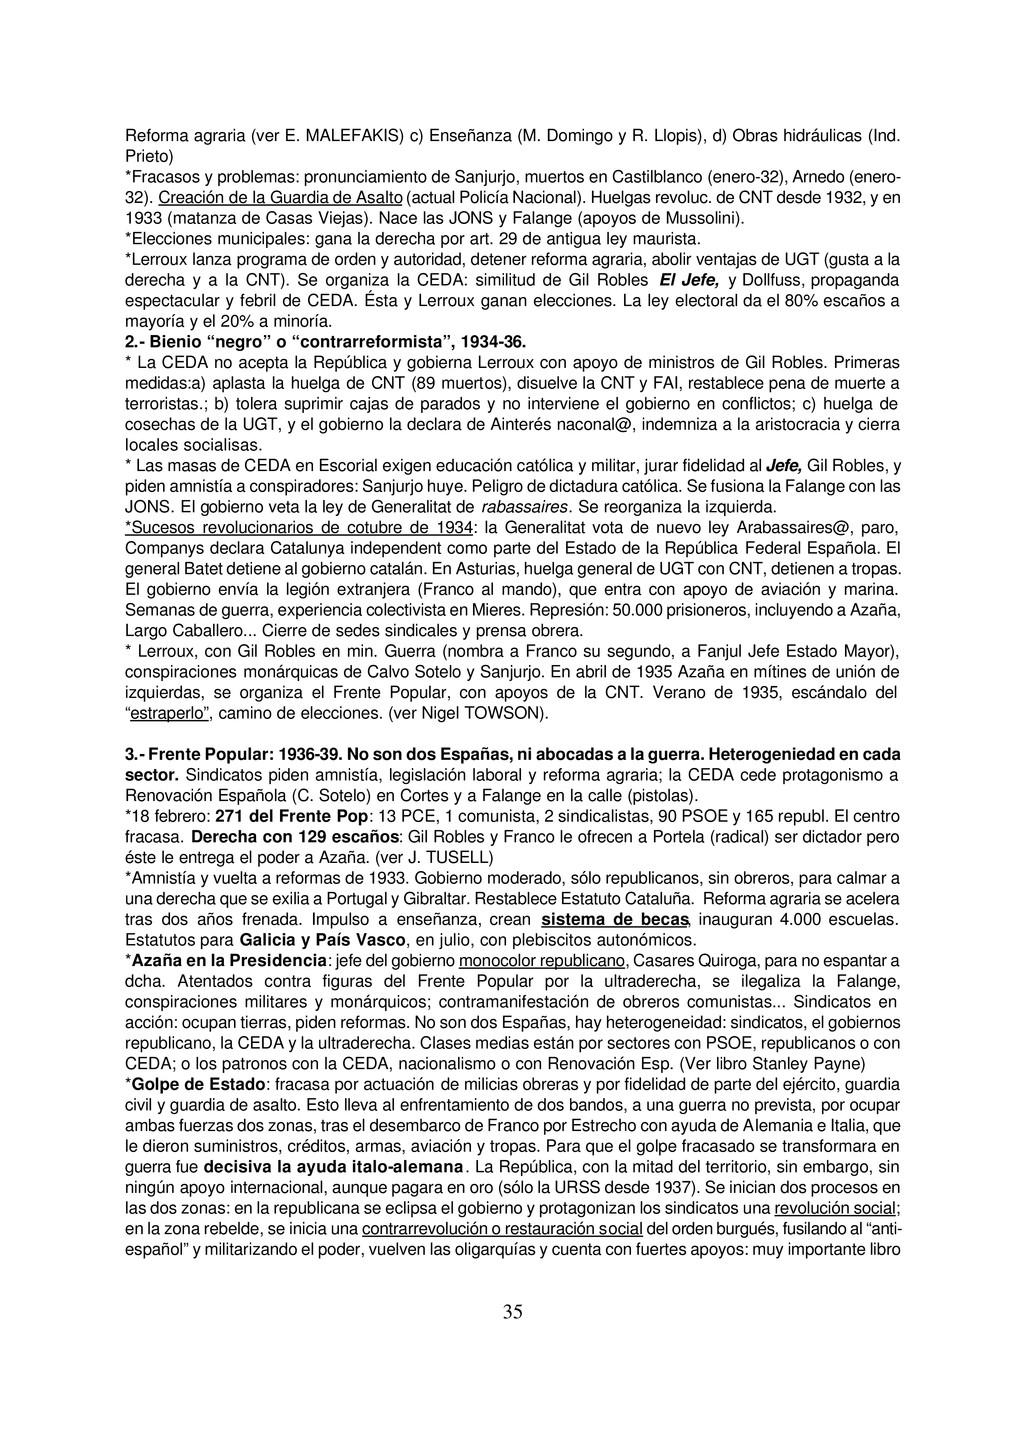 35 Reforma agraria (ver E. MALEFAKIS) c) Enseña...